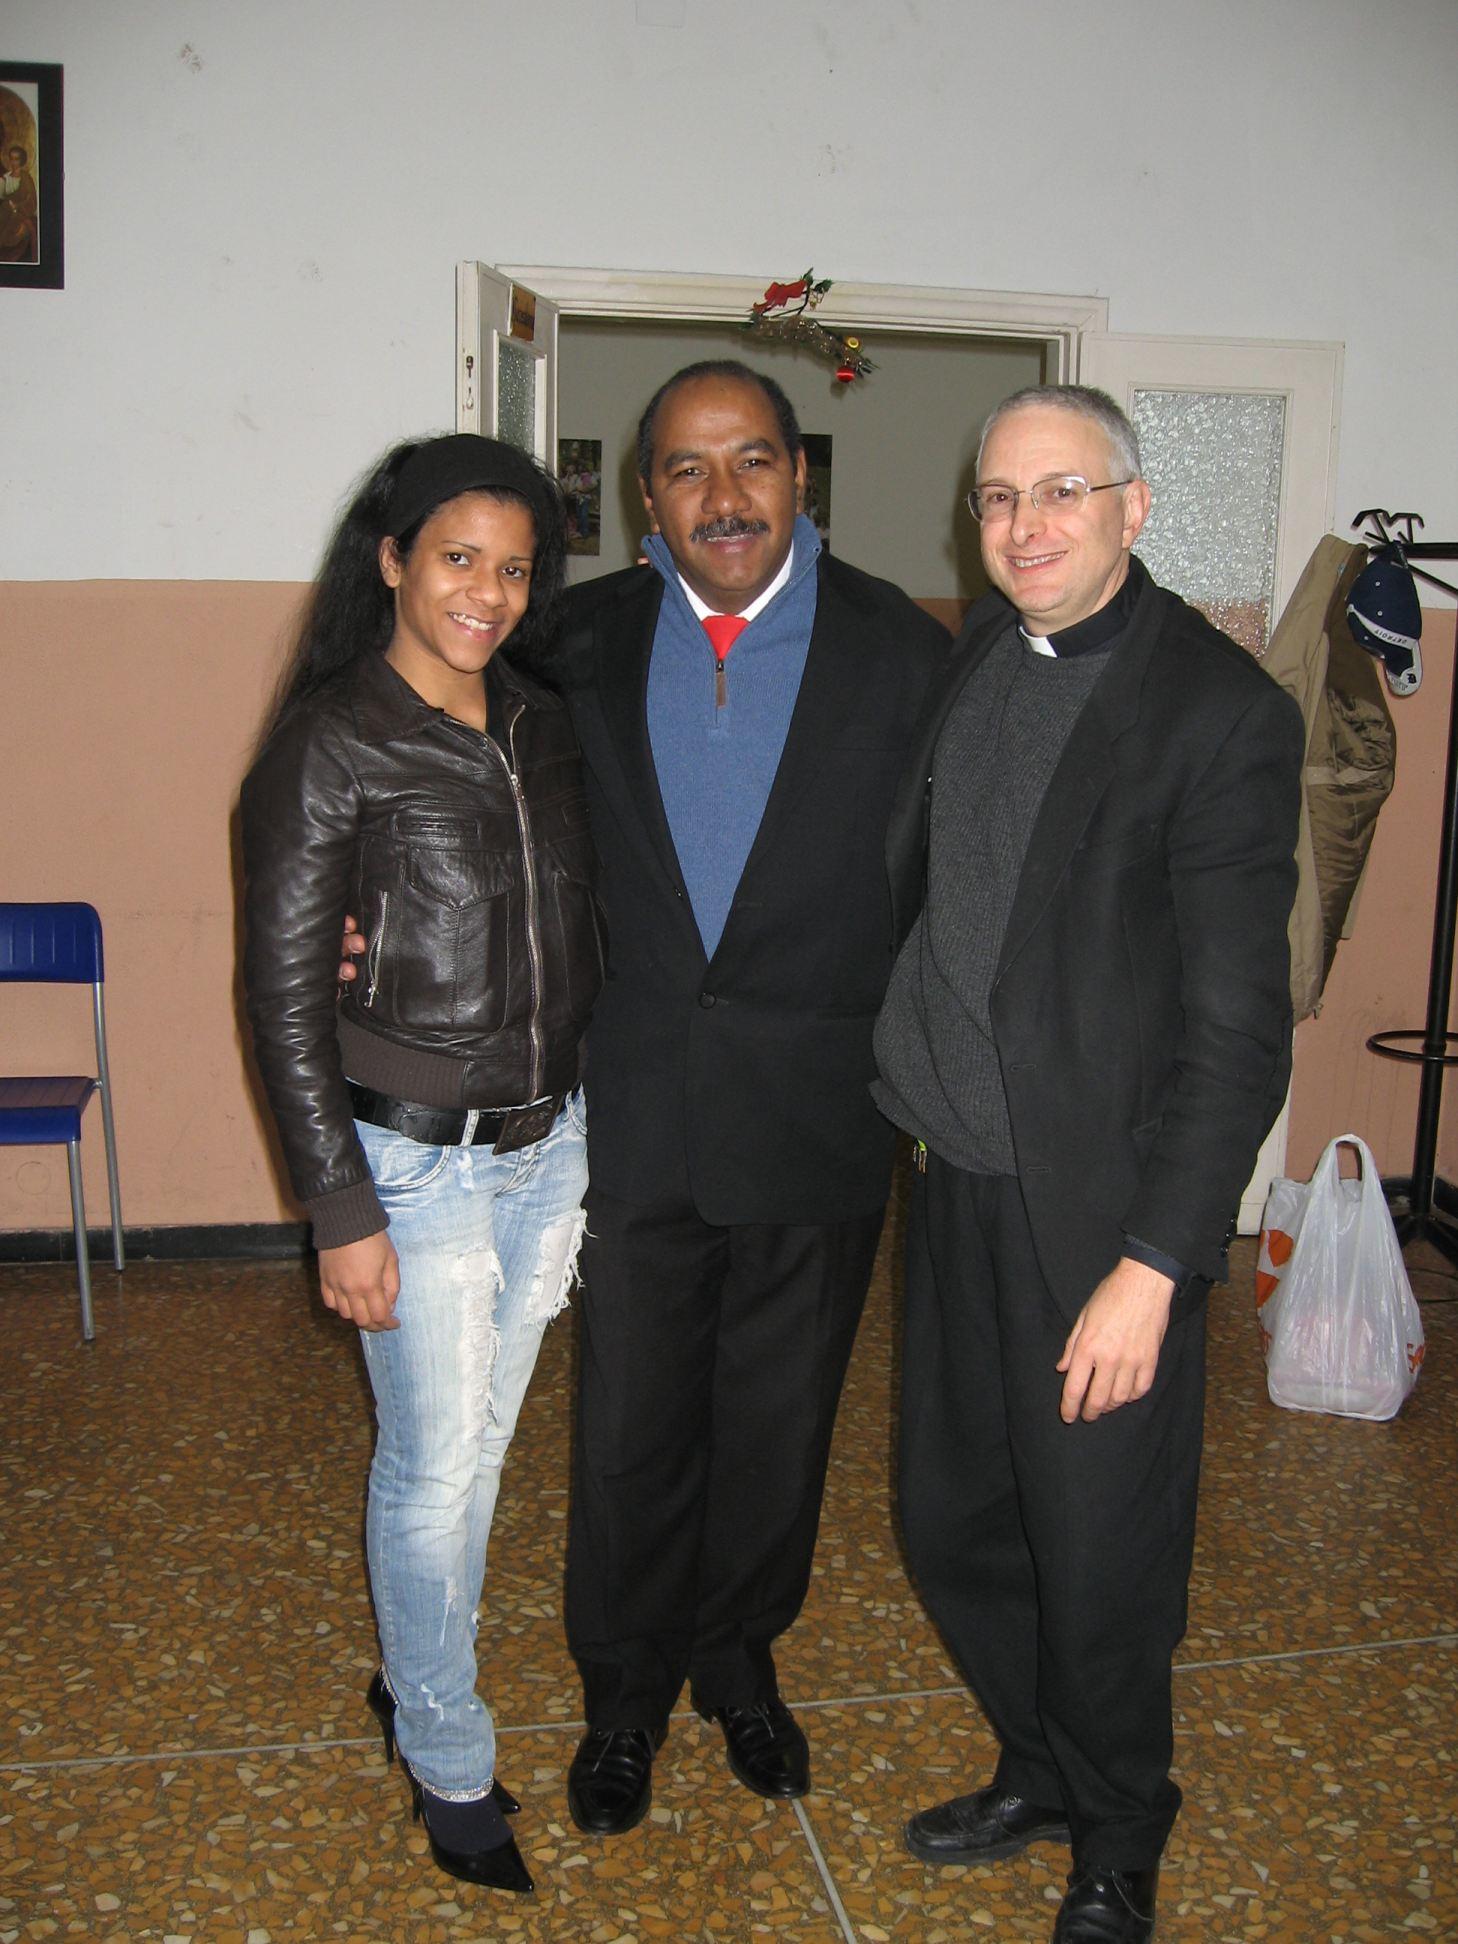 Dominicani-2009-12-20--20.47.41